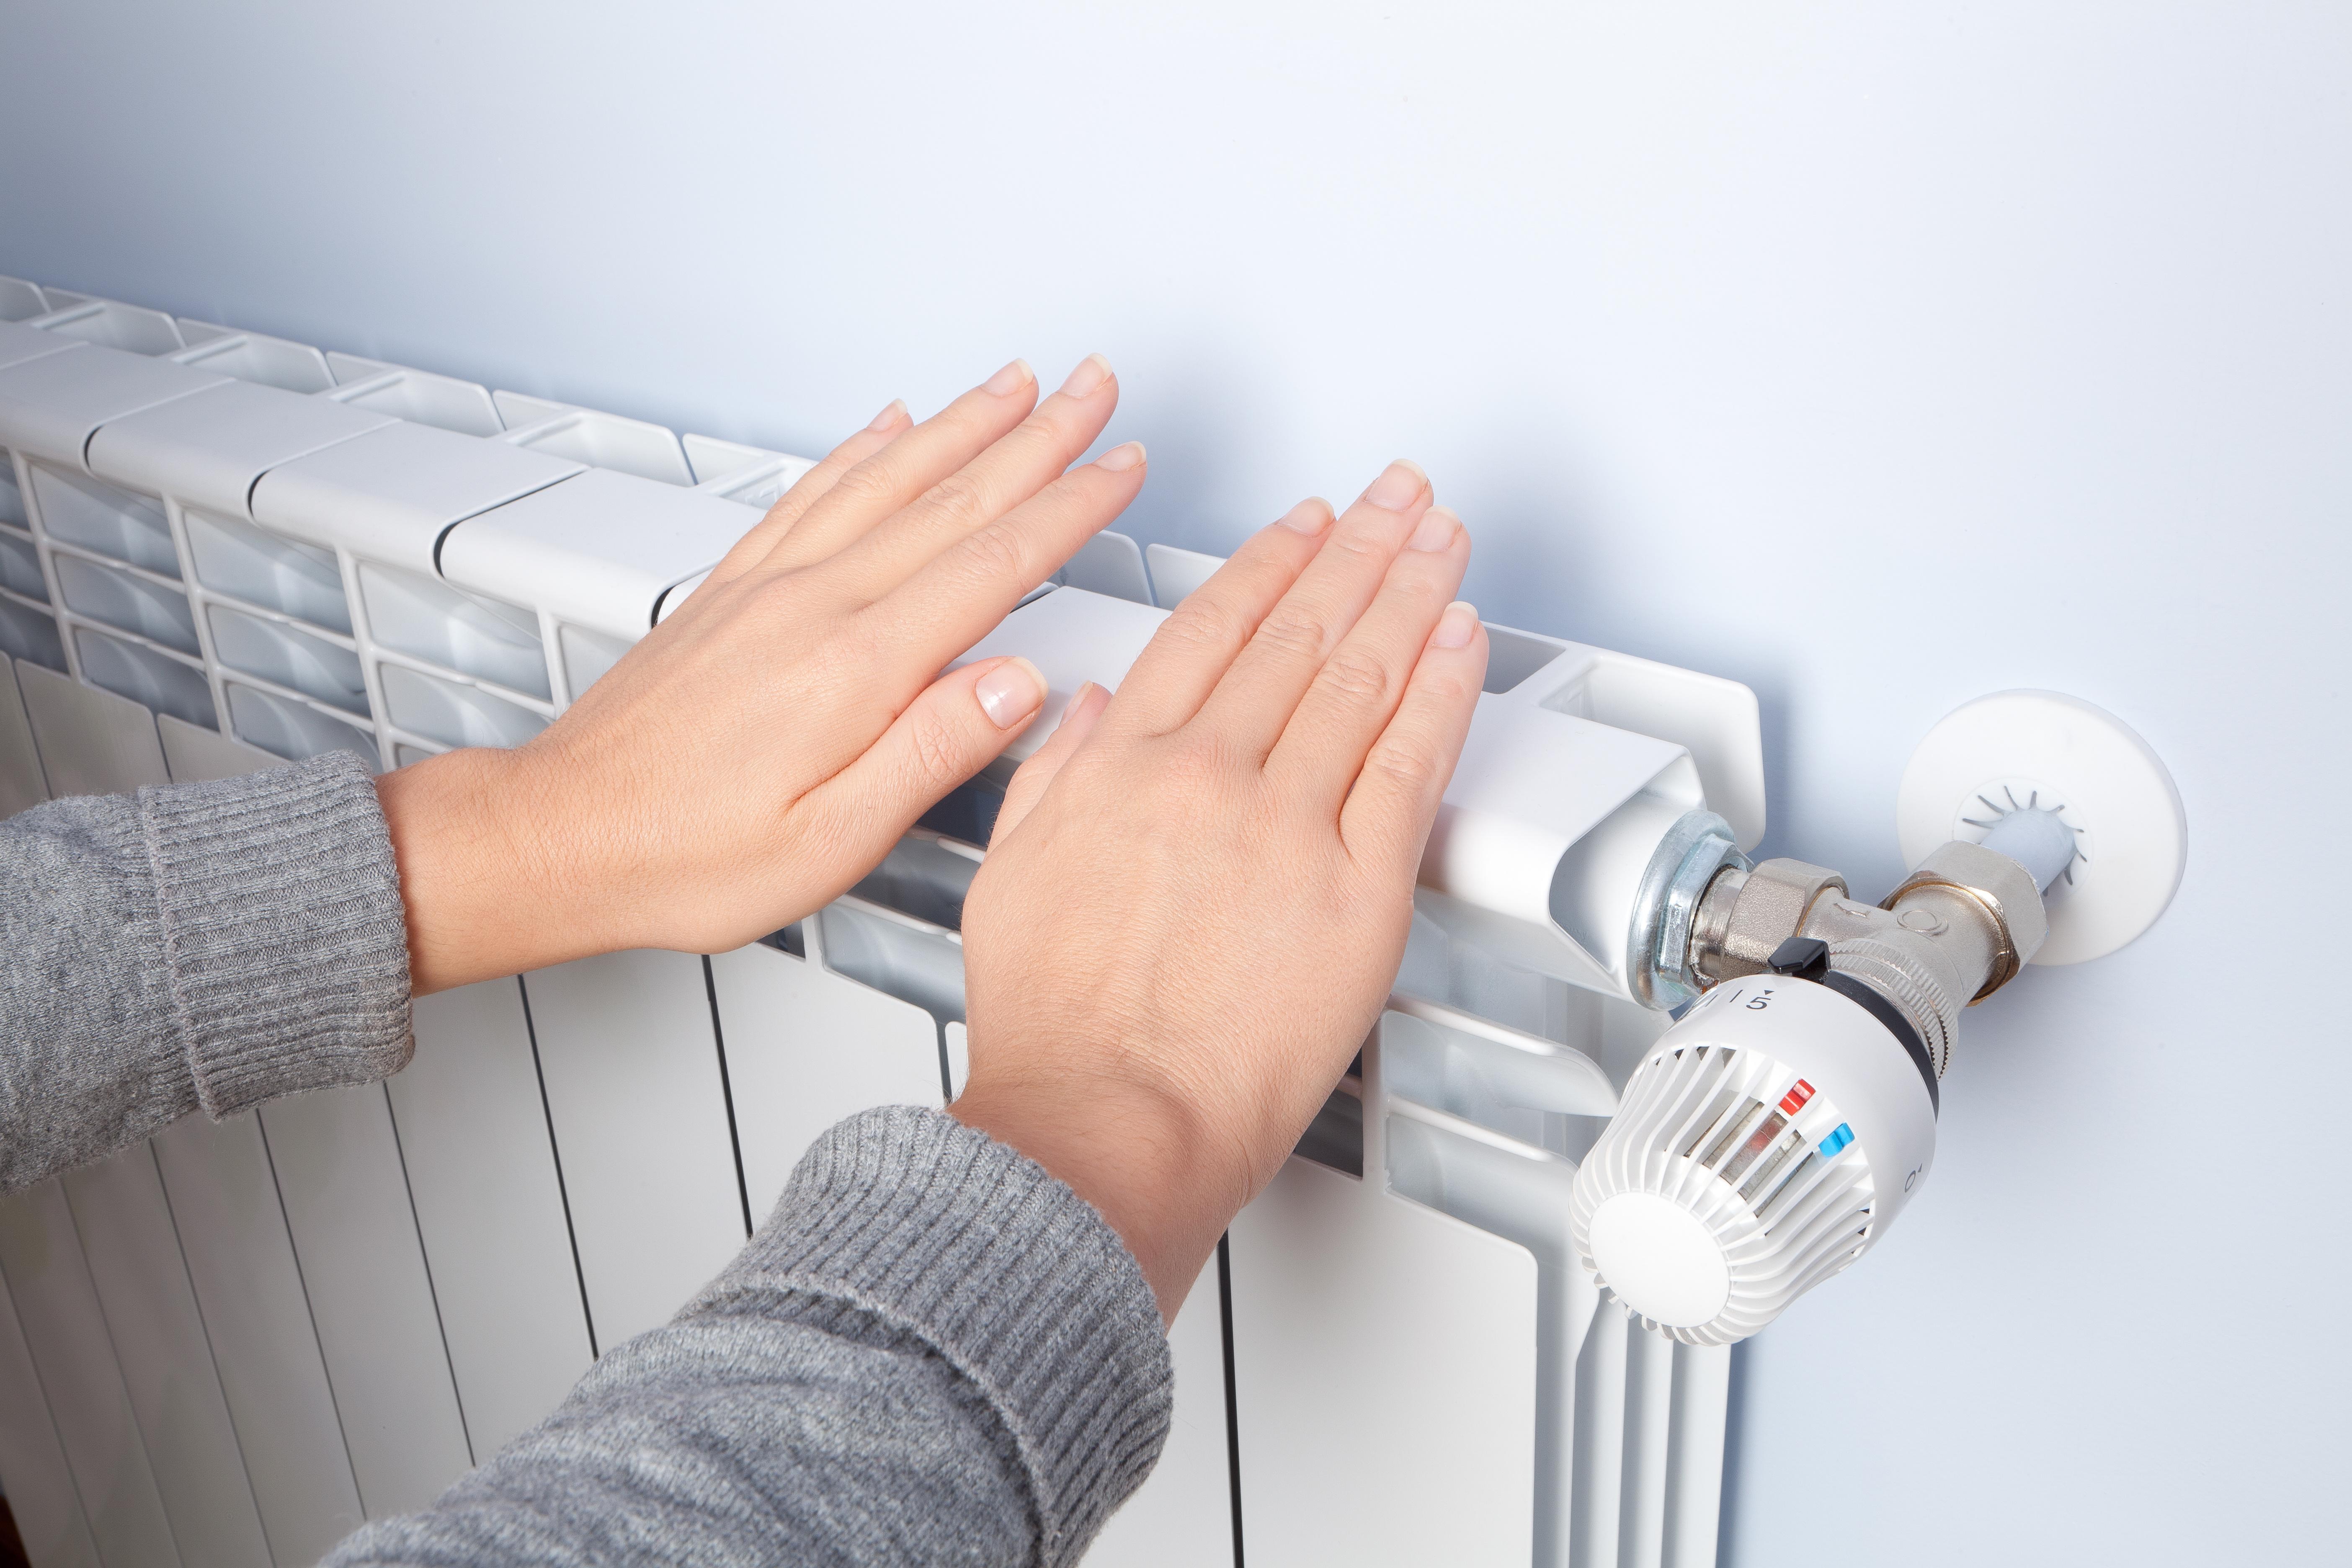 ¿Cuáles son las ventajas del suministro de gasoil a domicilio?